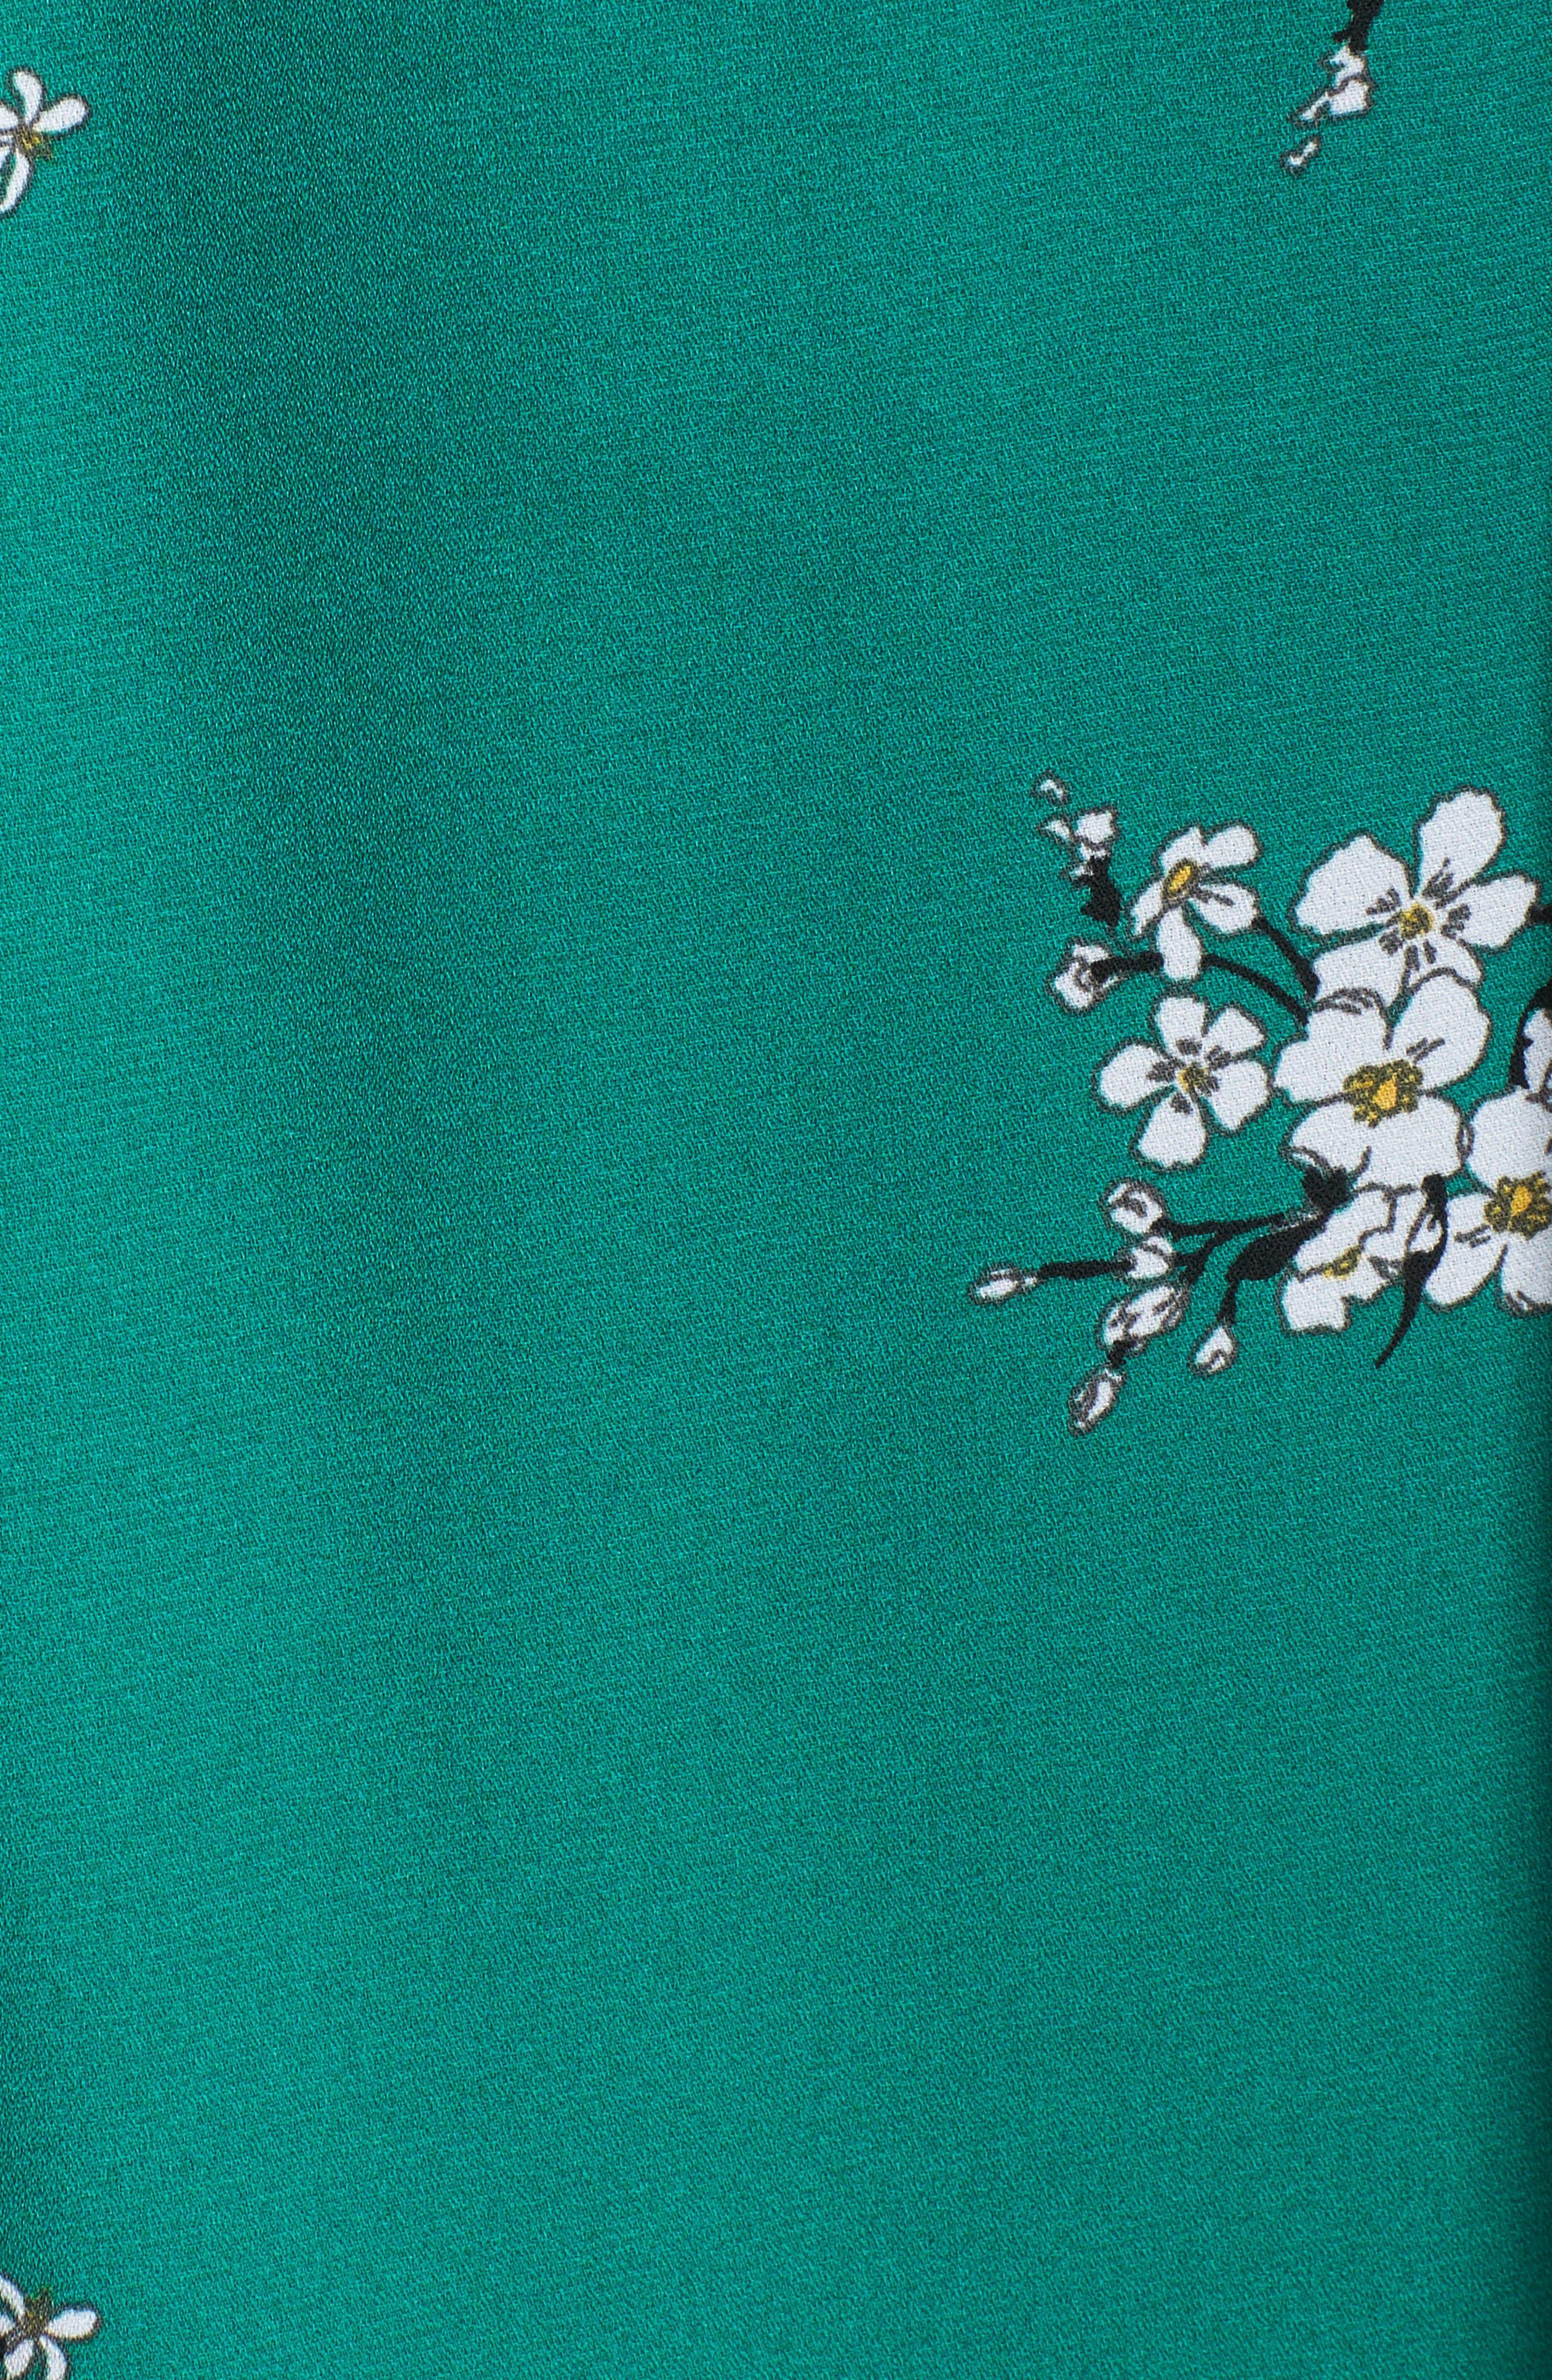 Floral Faux Wrap Dress,                             Alternate thumbnail 5, color,                             Green Branch Floral